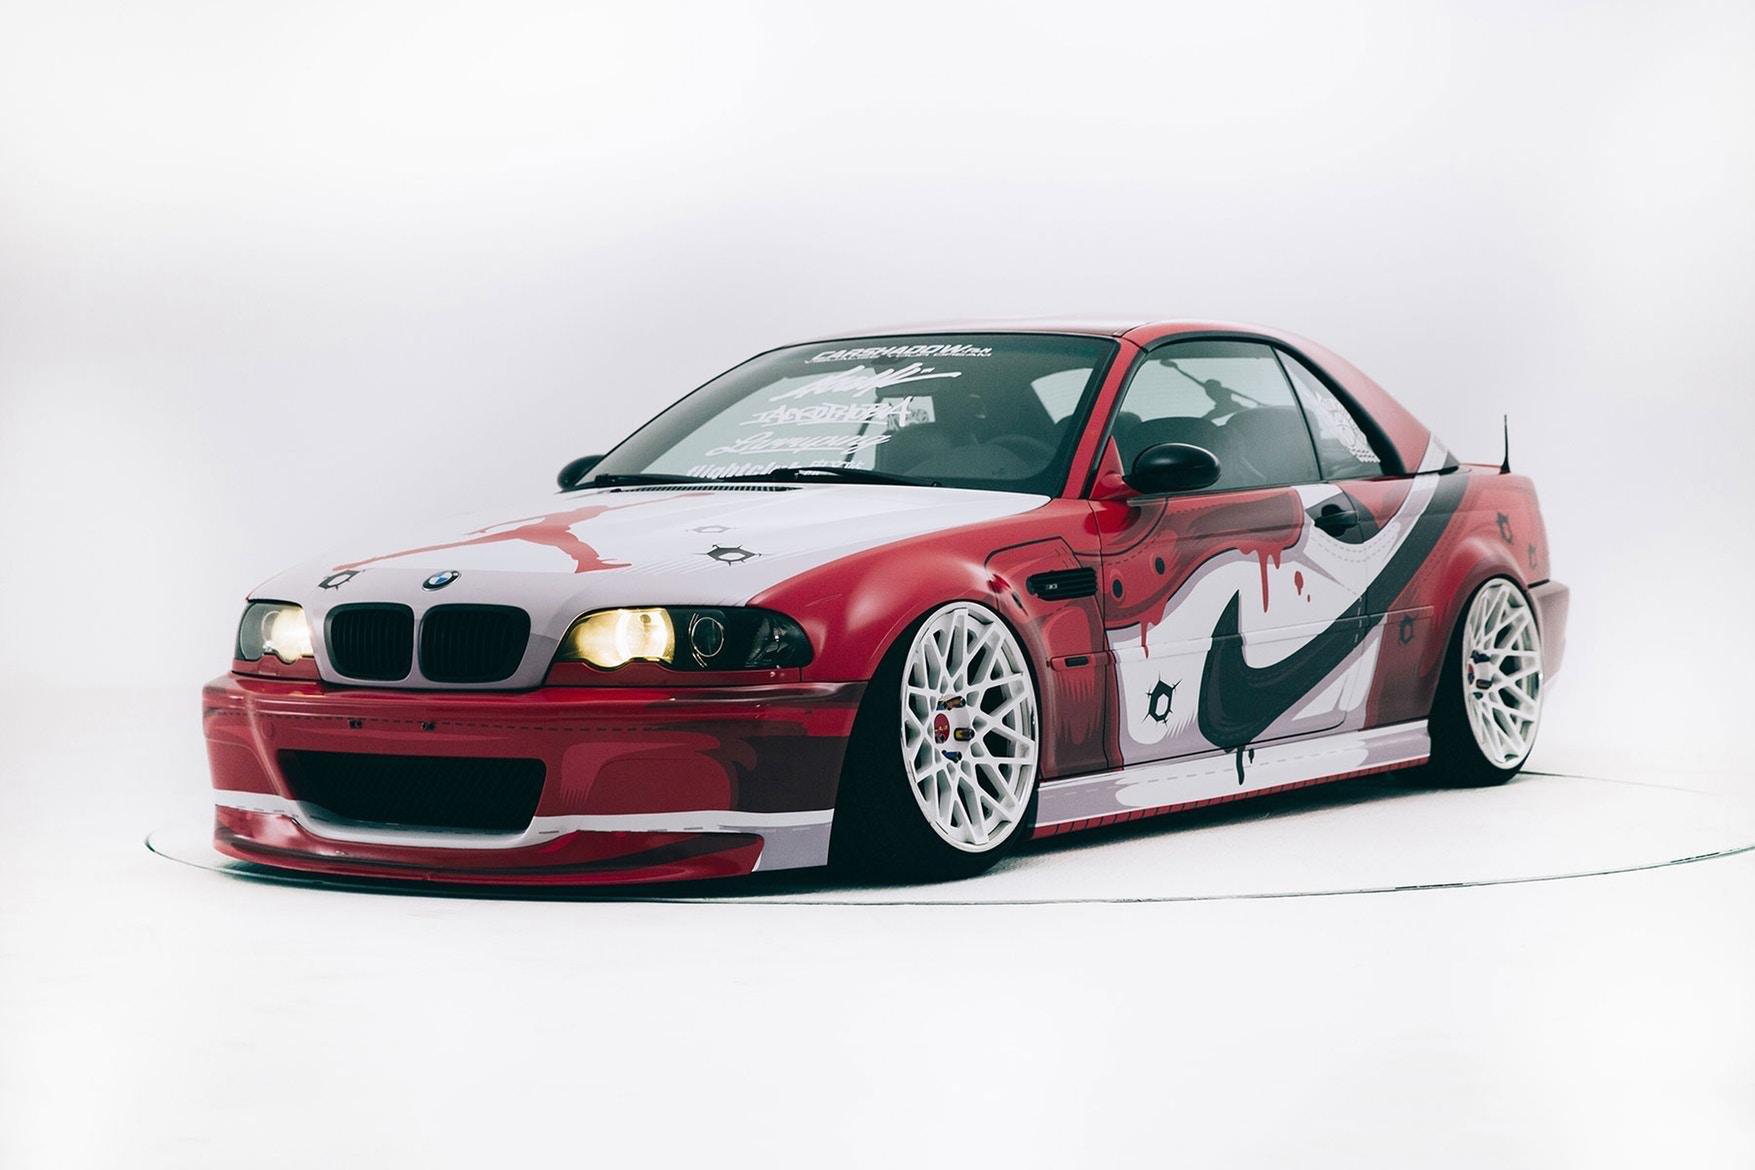 La BMW M3 customizzata con il colour scheme delle Nike Air Jordan 1 Chicago | Collater.al